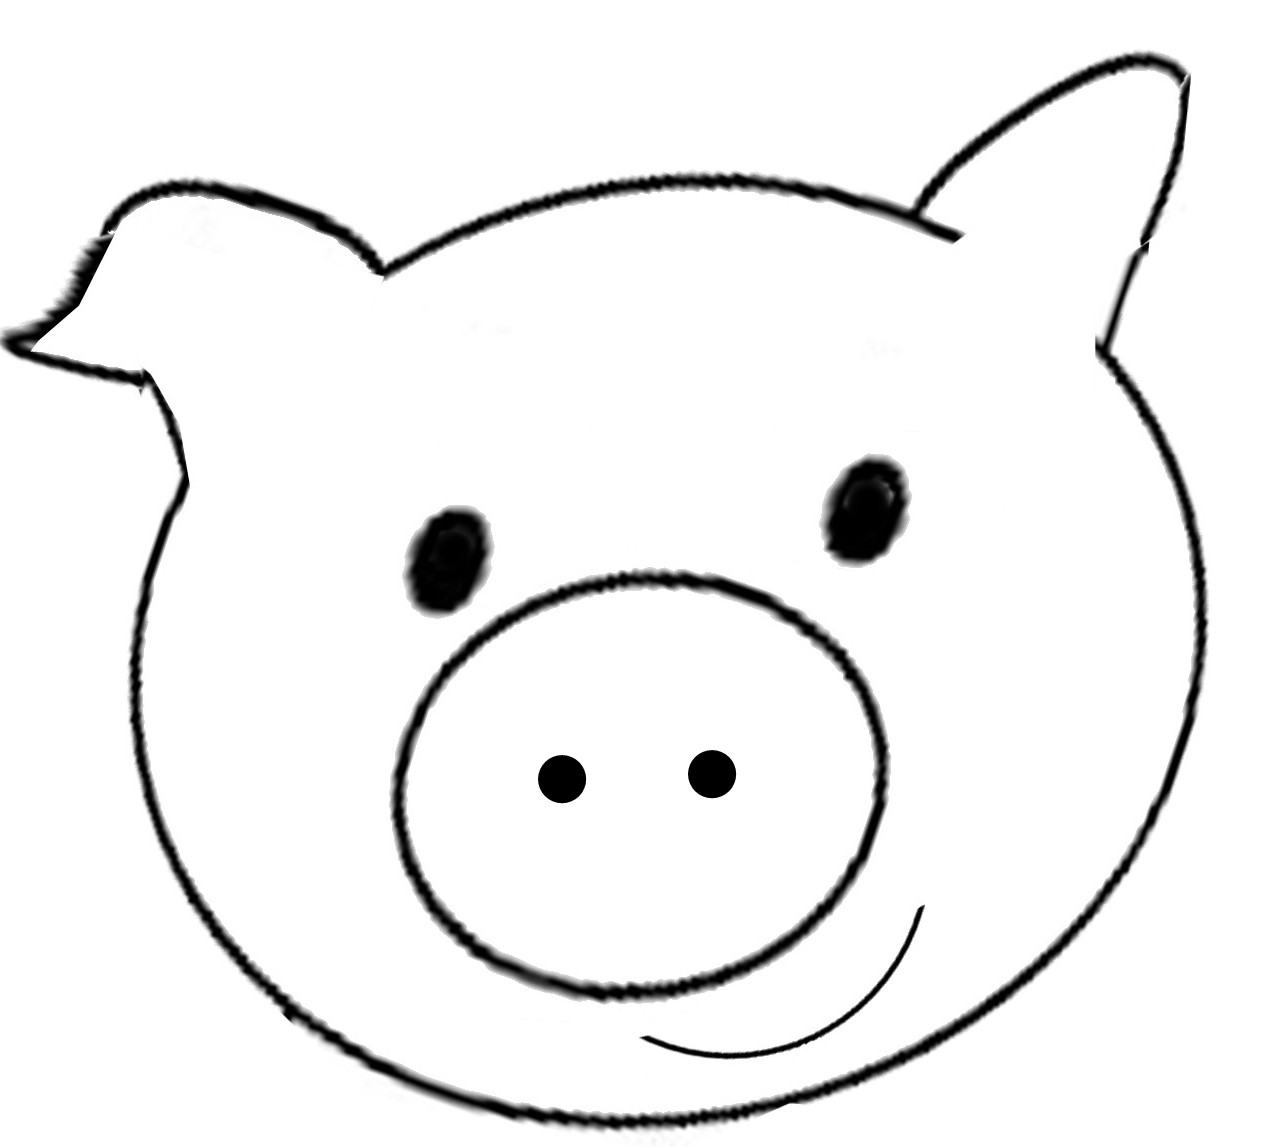 Pig face clip art 2